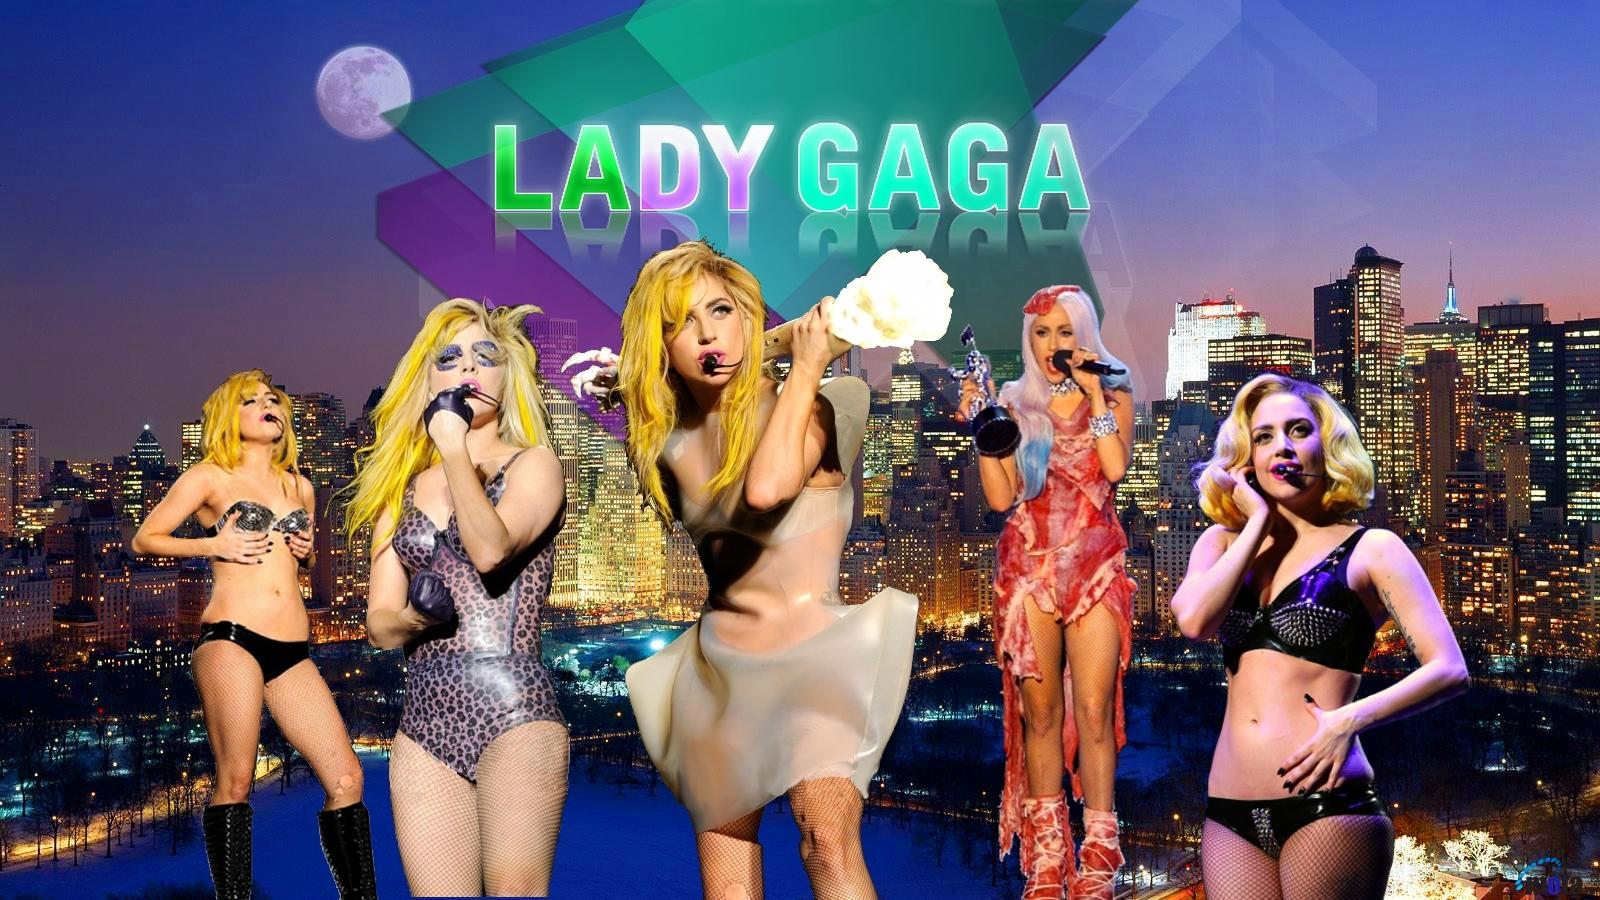 Lady Gaga Lady Gaga Wallpaper